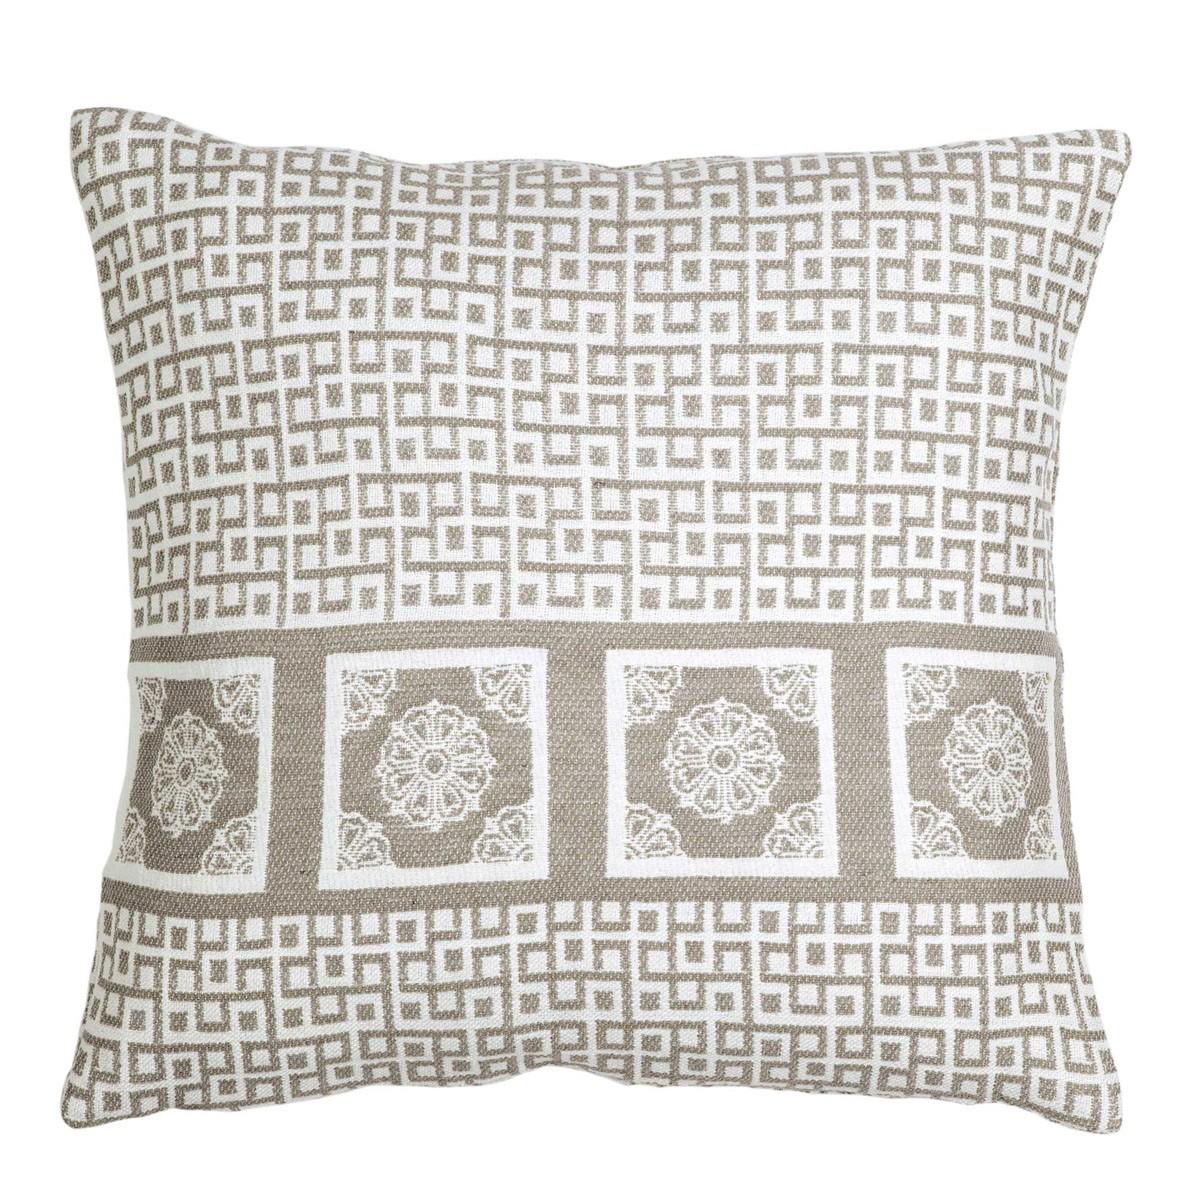 Διακοσμητική Μαξιλαροθήκη Nima Cushions Meandri Beige